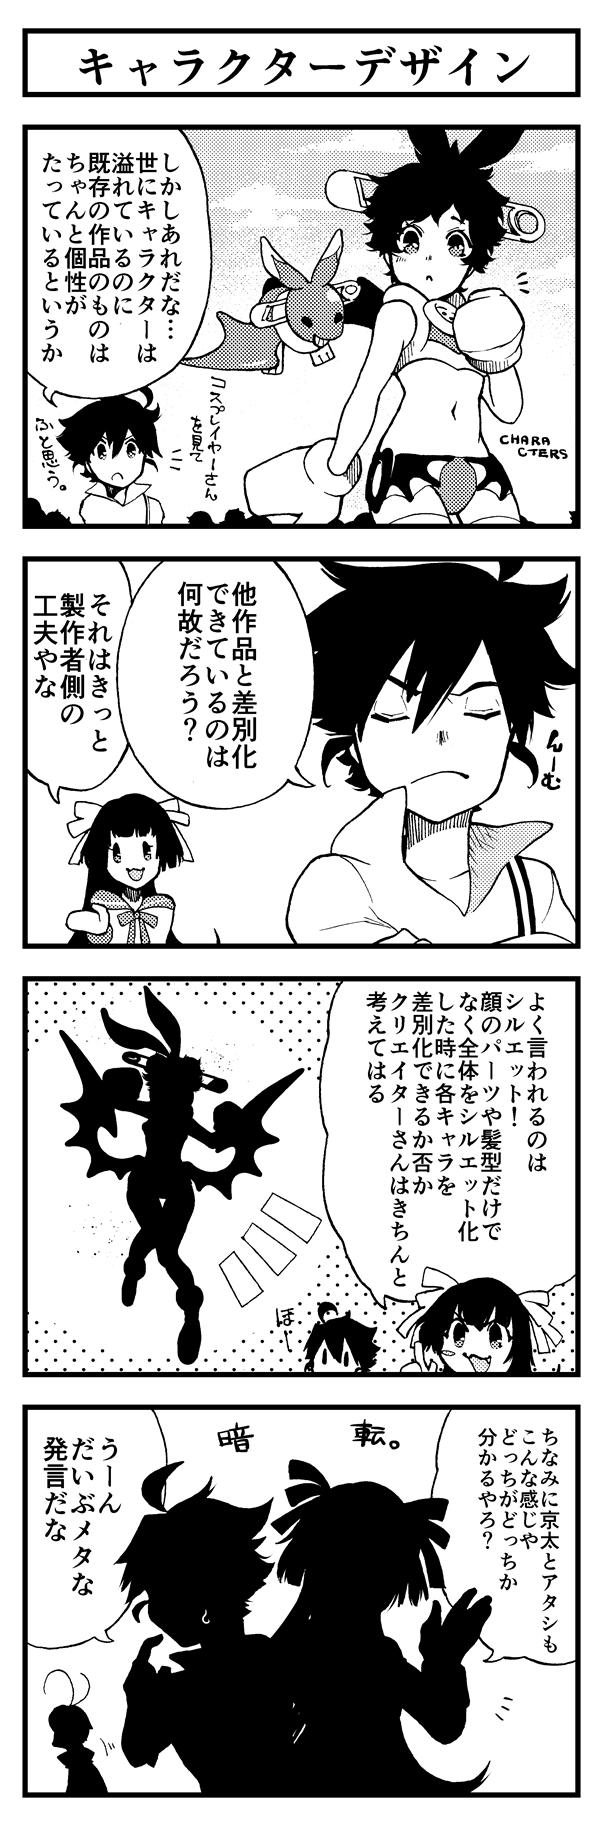 『京都クロスメディアParty!』 【第10話】